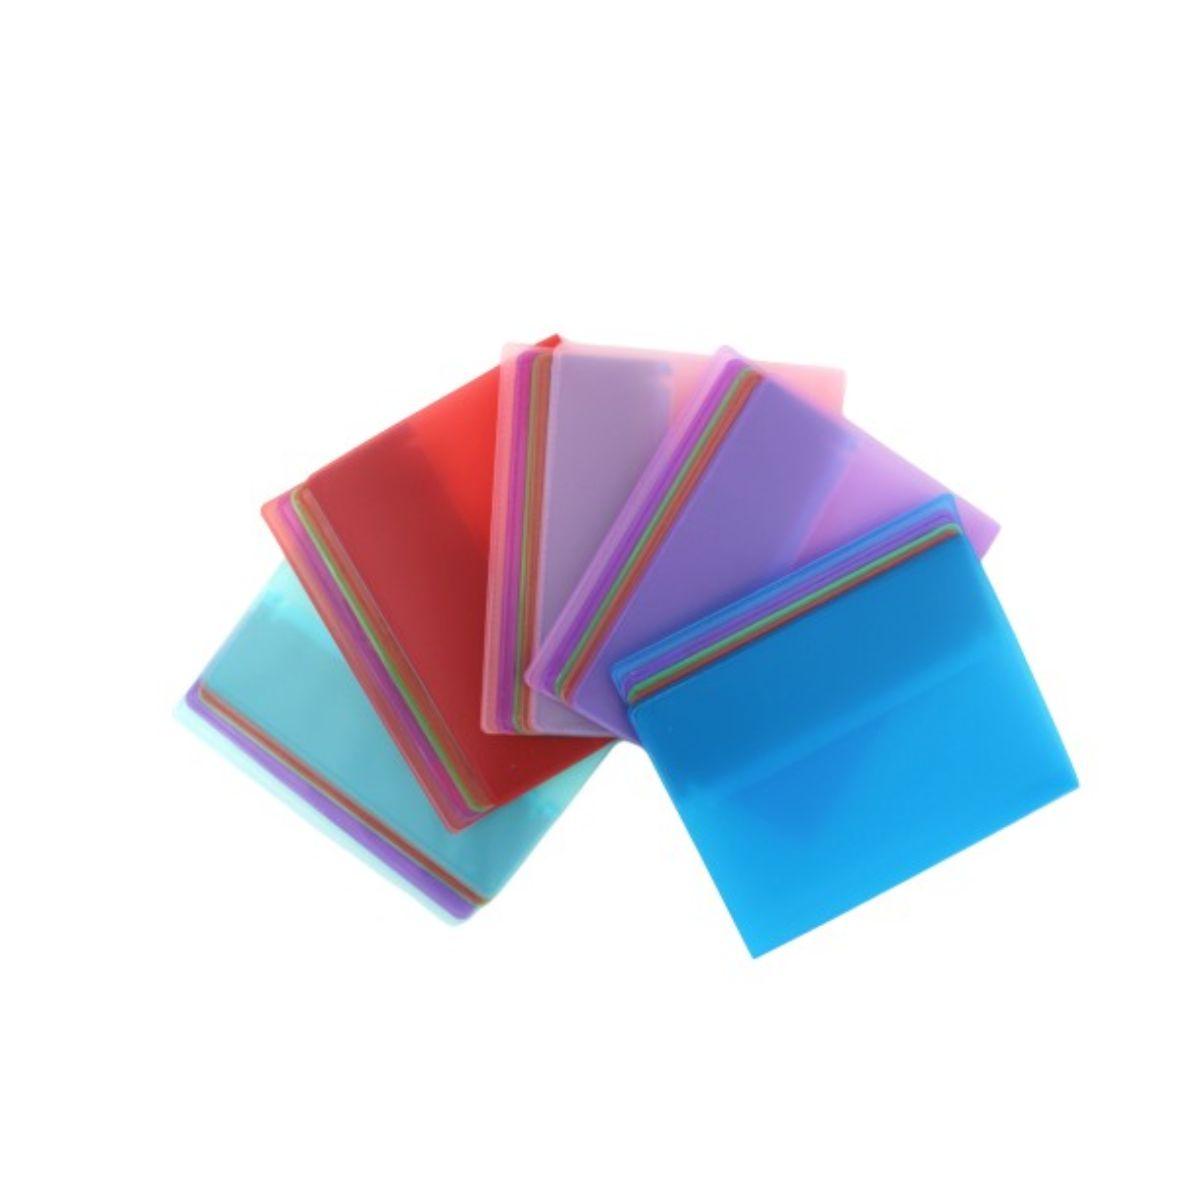 אוגדנית למחברת - מעורב צבעים